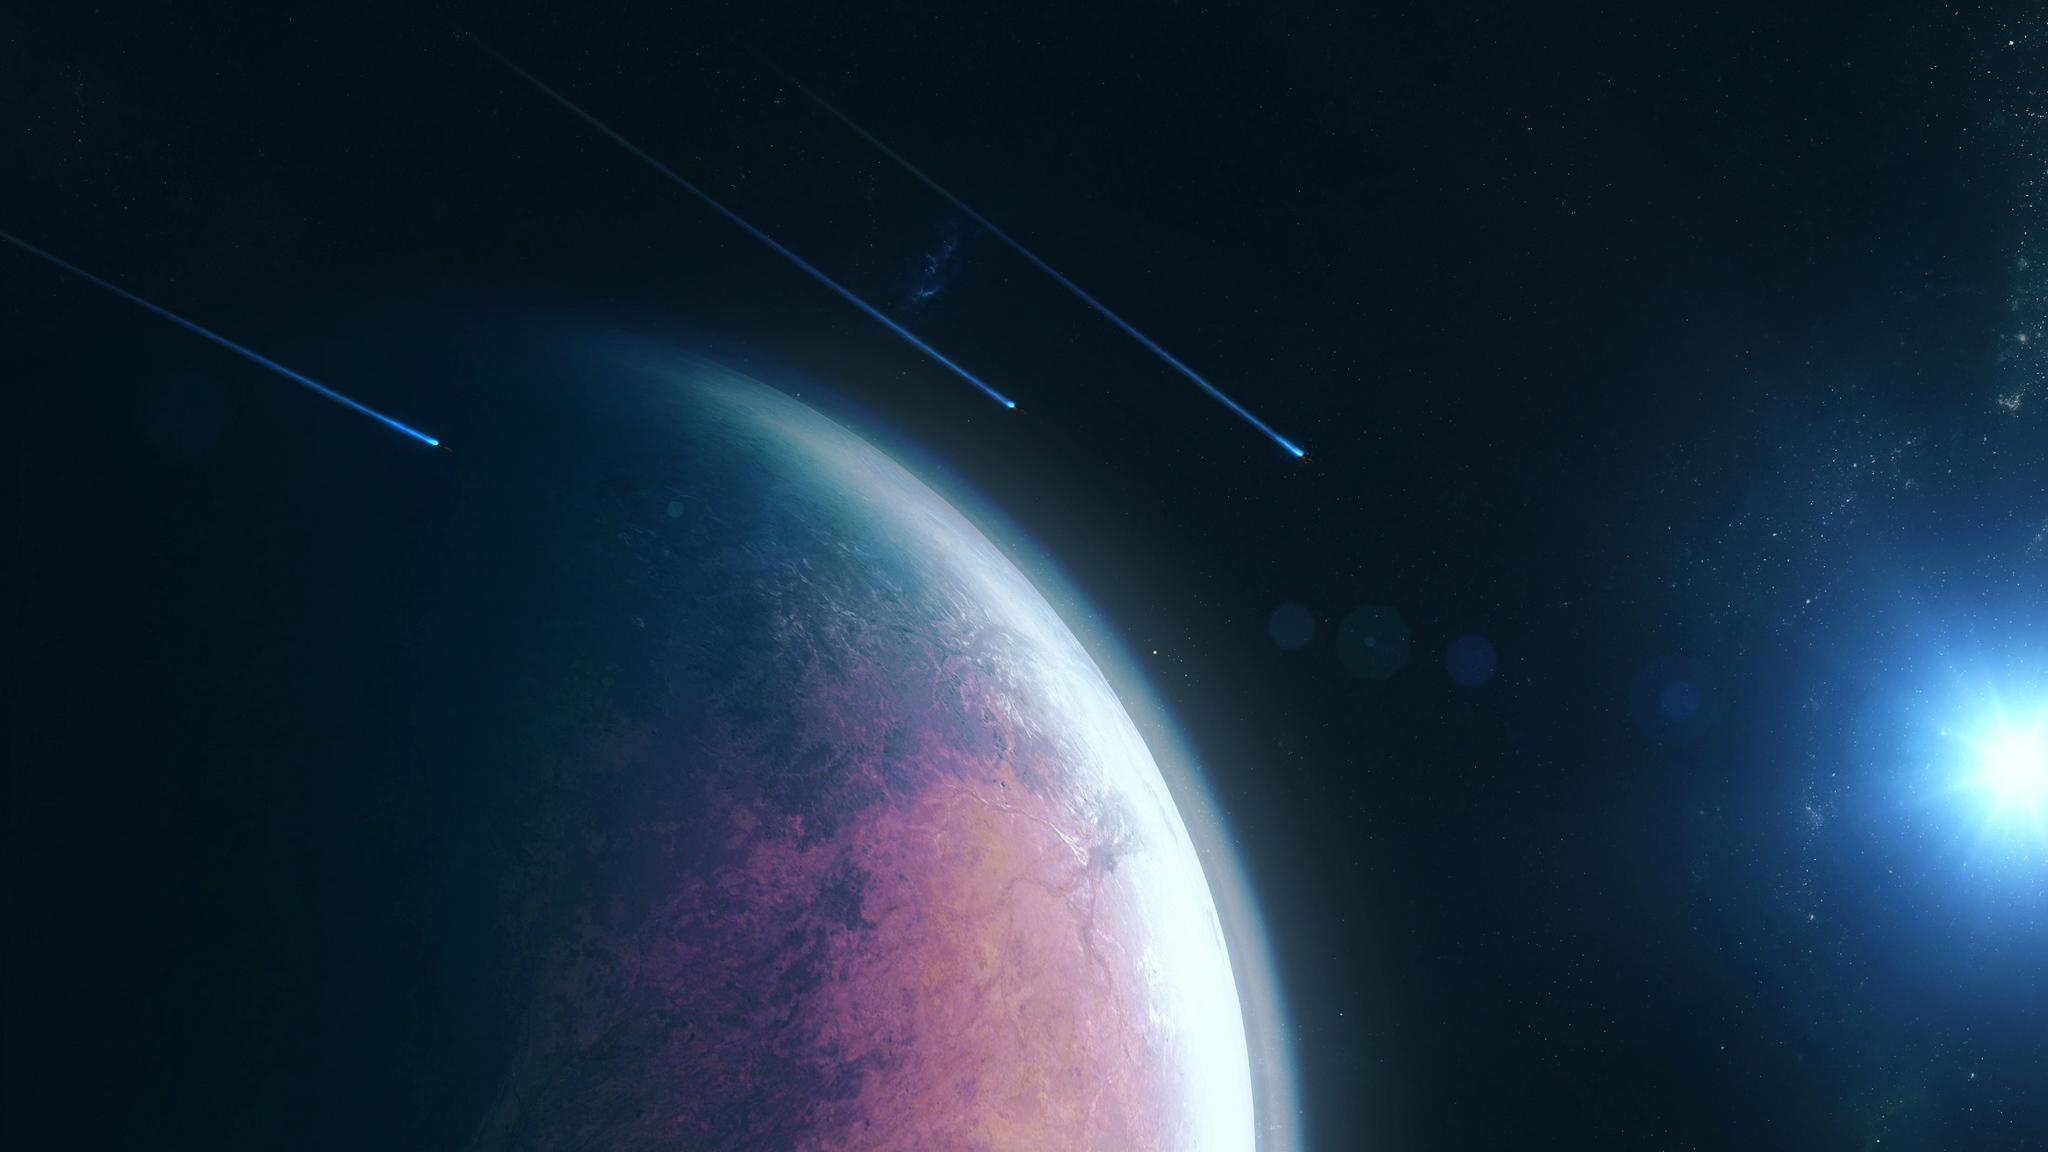 planet-space-scifi-4k-dn.jpg